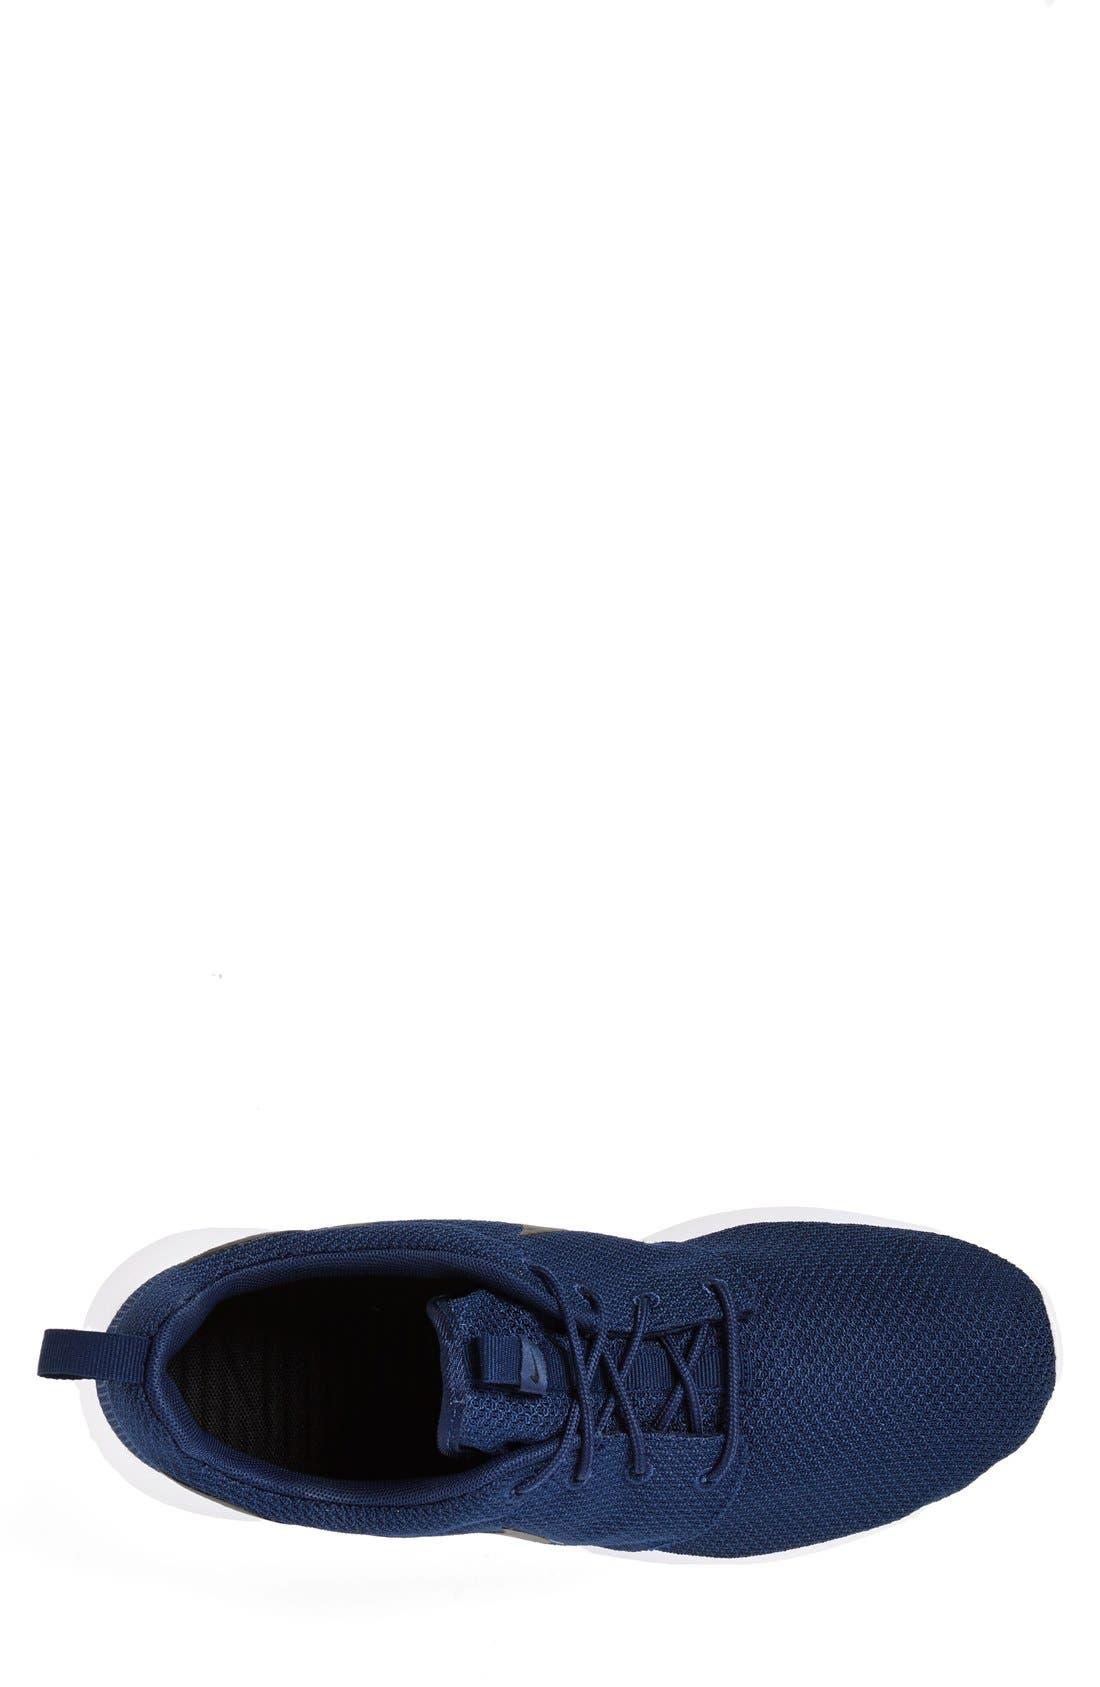 ,                             'Roshe Run' Sneaker,                             Alternate thumbnail 109, color,                             405